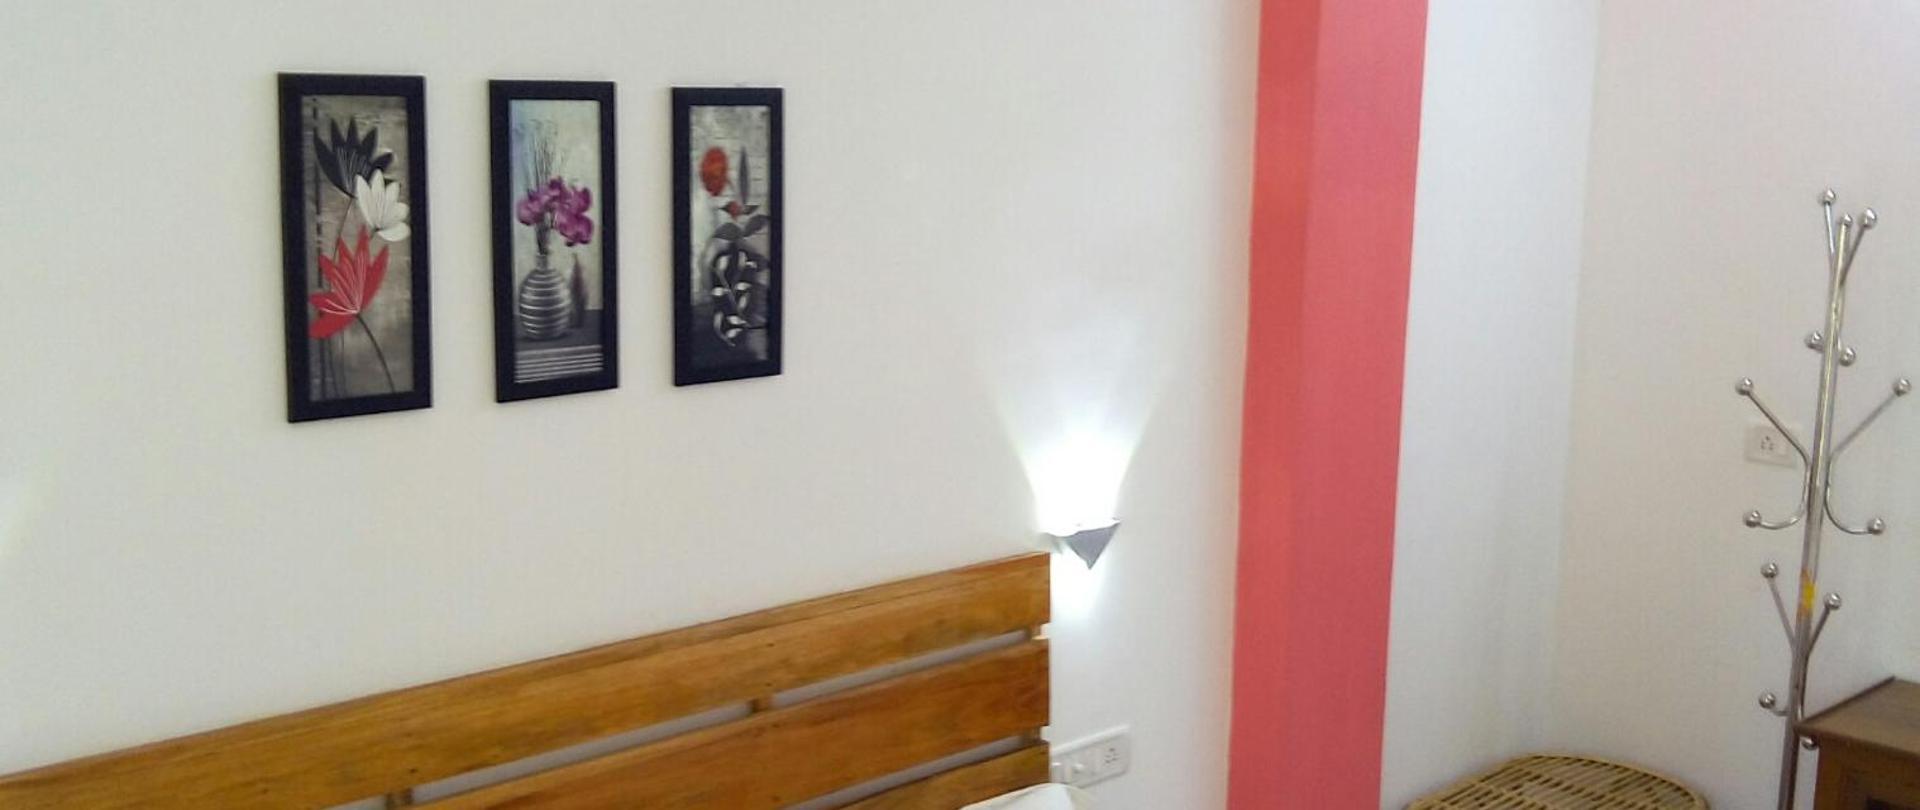 PicsArt_02-22-08.02.27.jpg